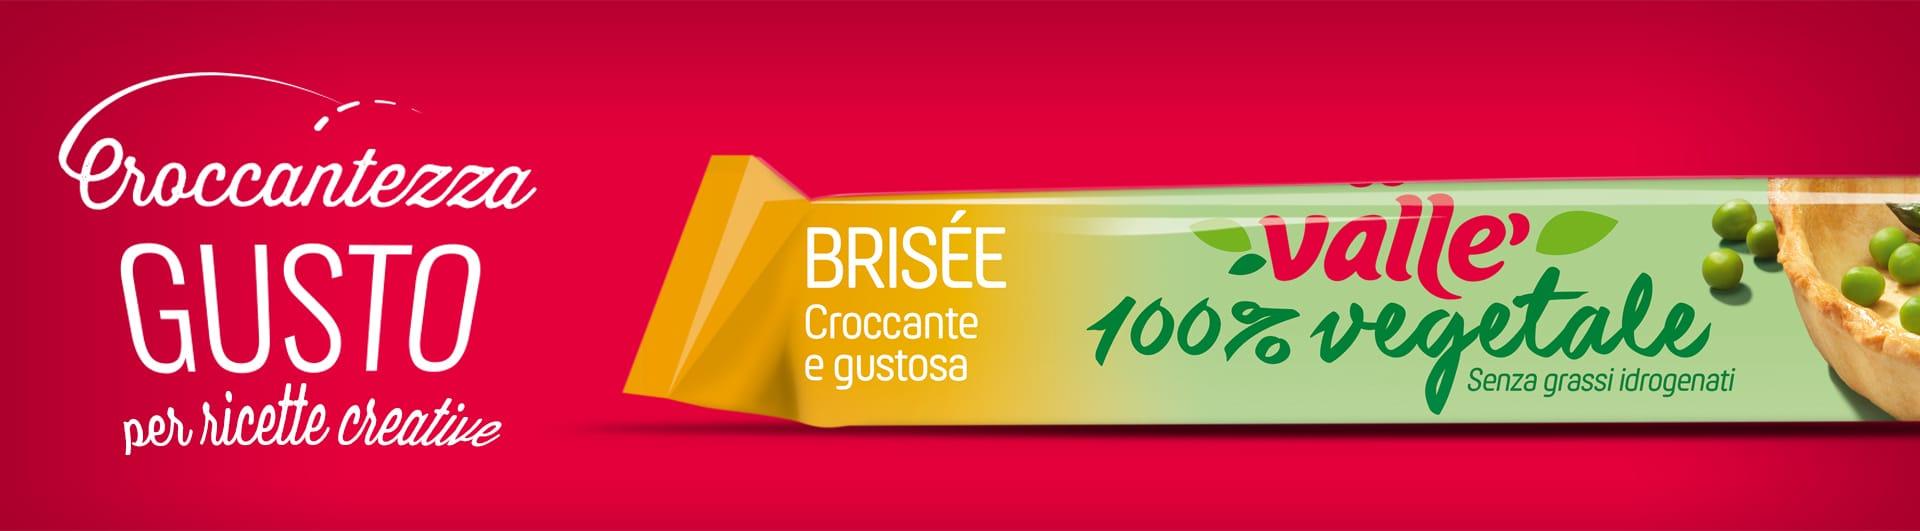 Brisèe